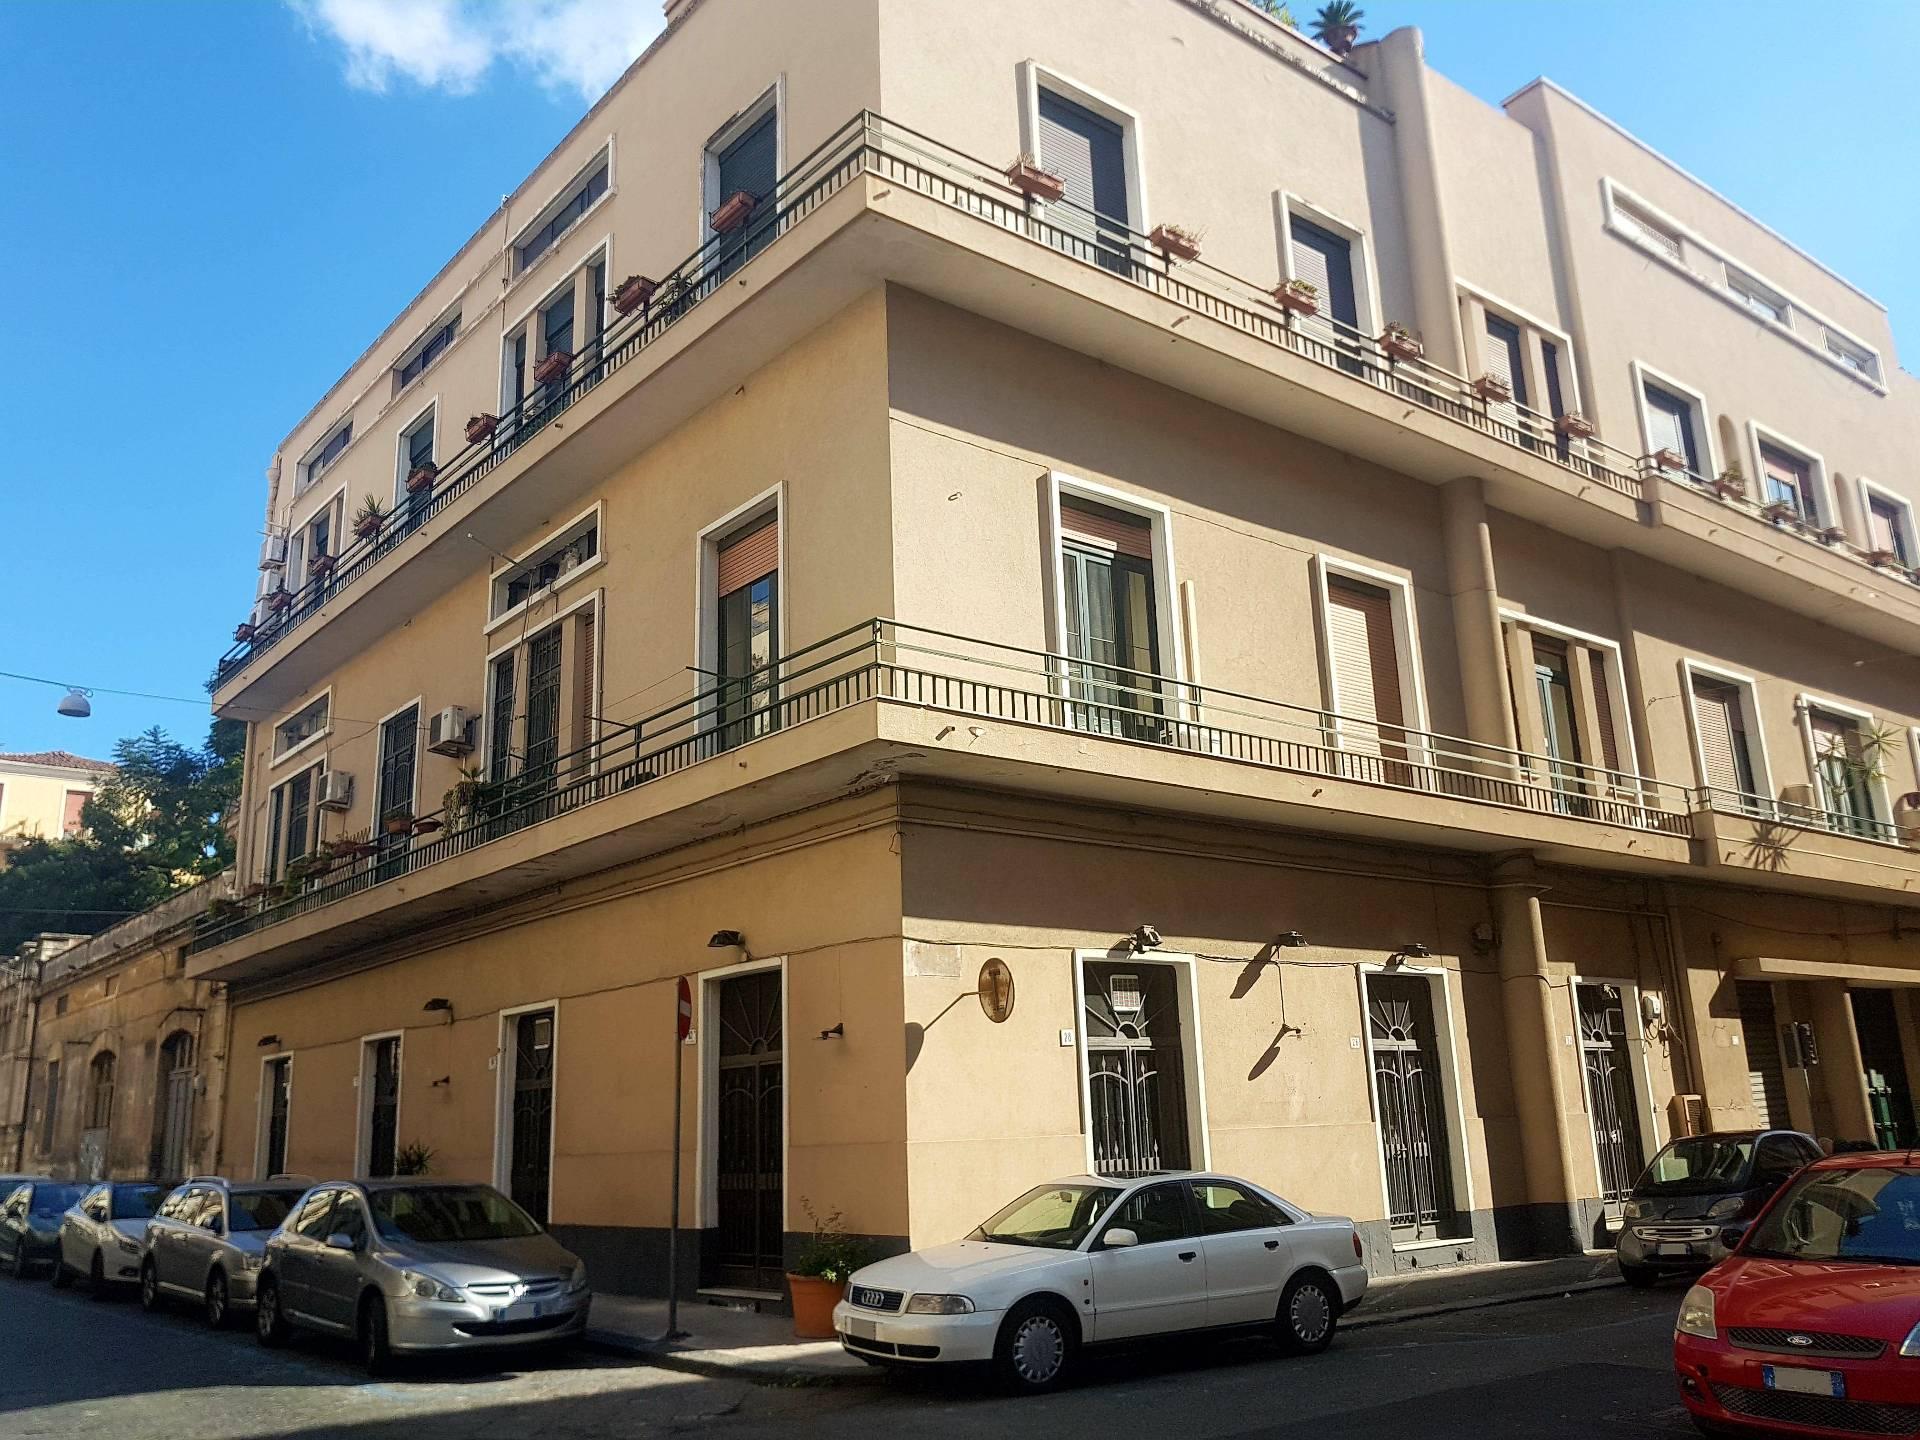 Negozio / Locale in affitto a Catania, 9999 locali, prezzo € 2.750 | CambioCasa.it